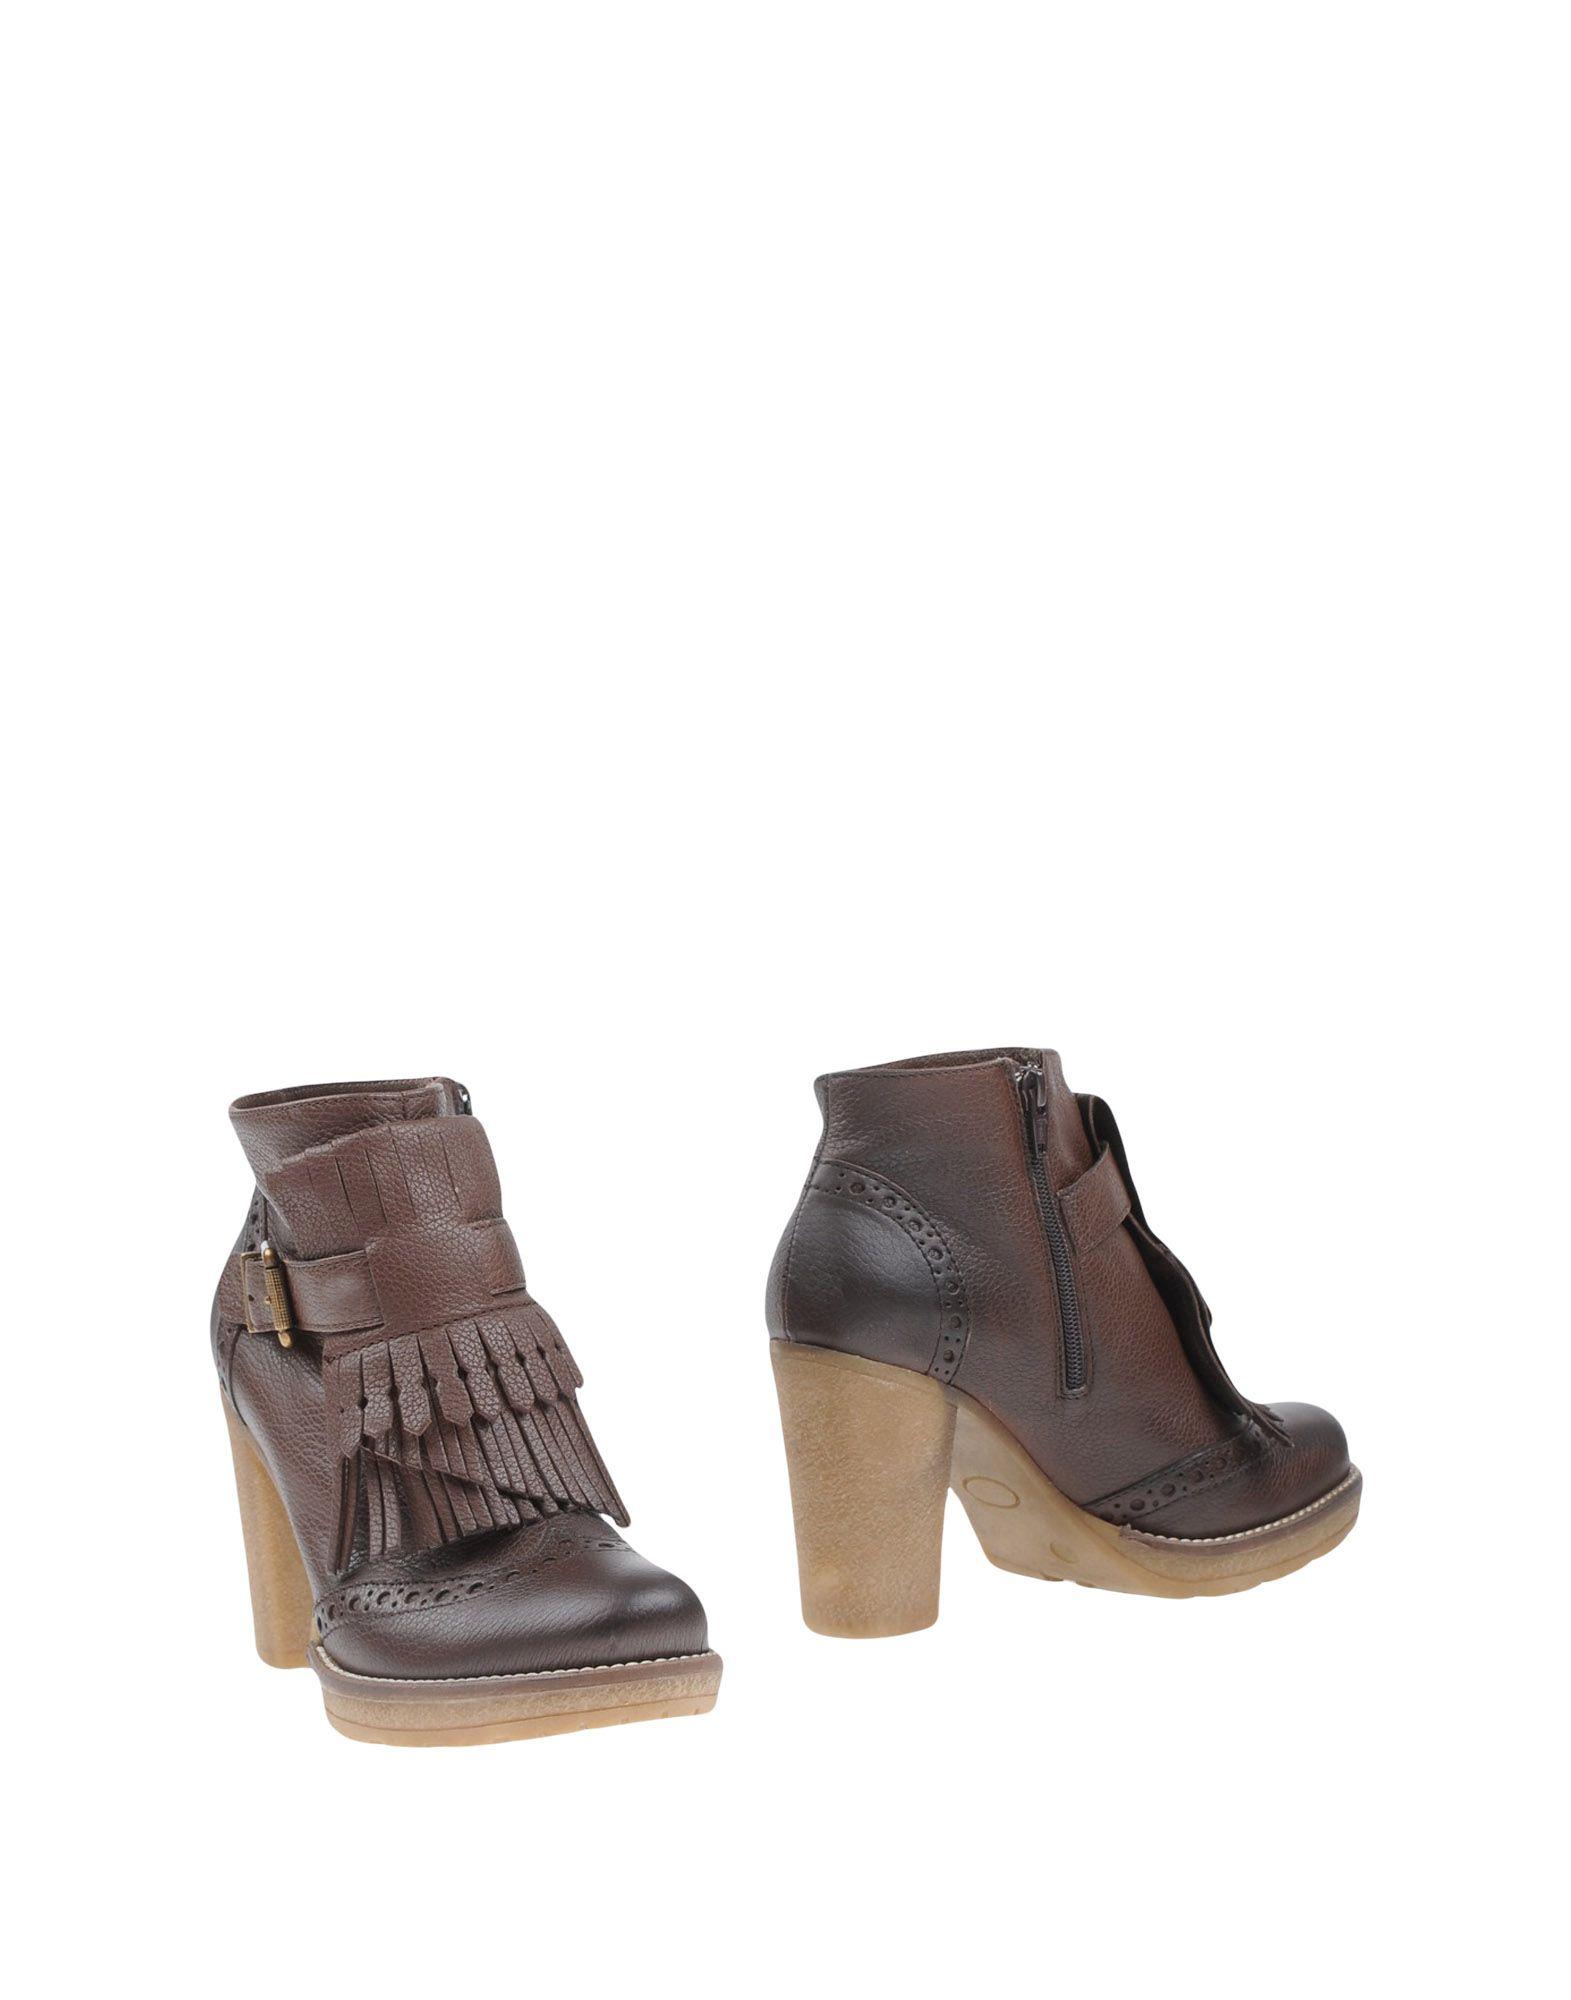 Angela George Stiefelette Damen  11320686FS Gute Qualität beliebte Schuhe